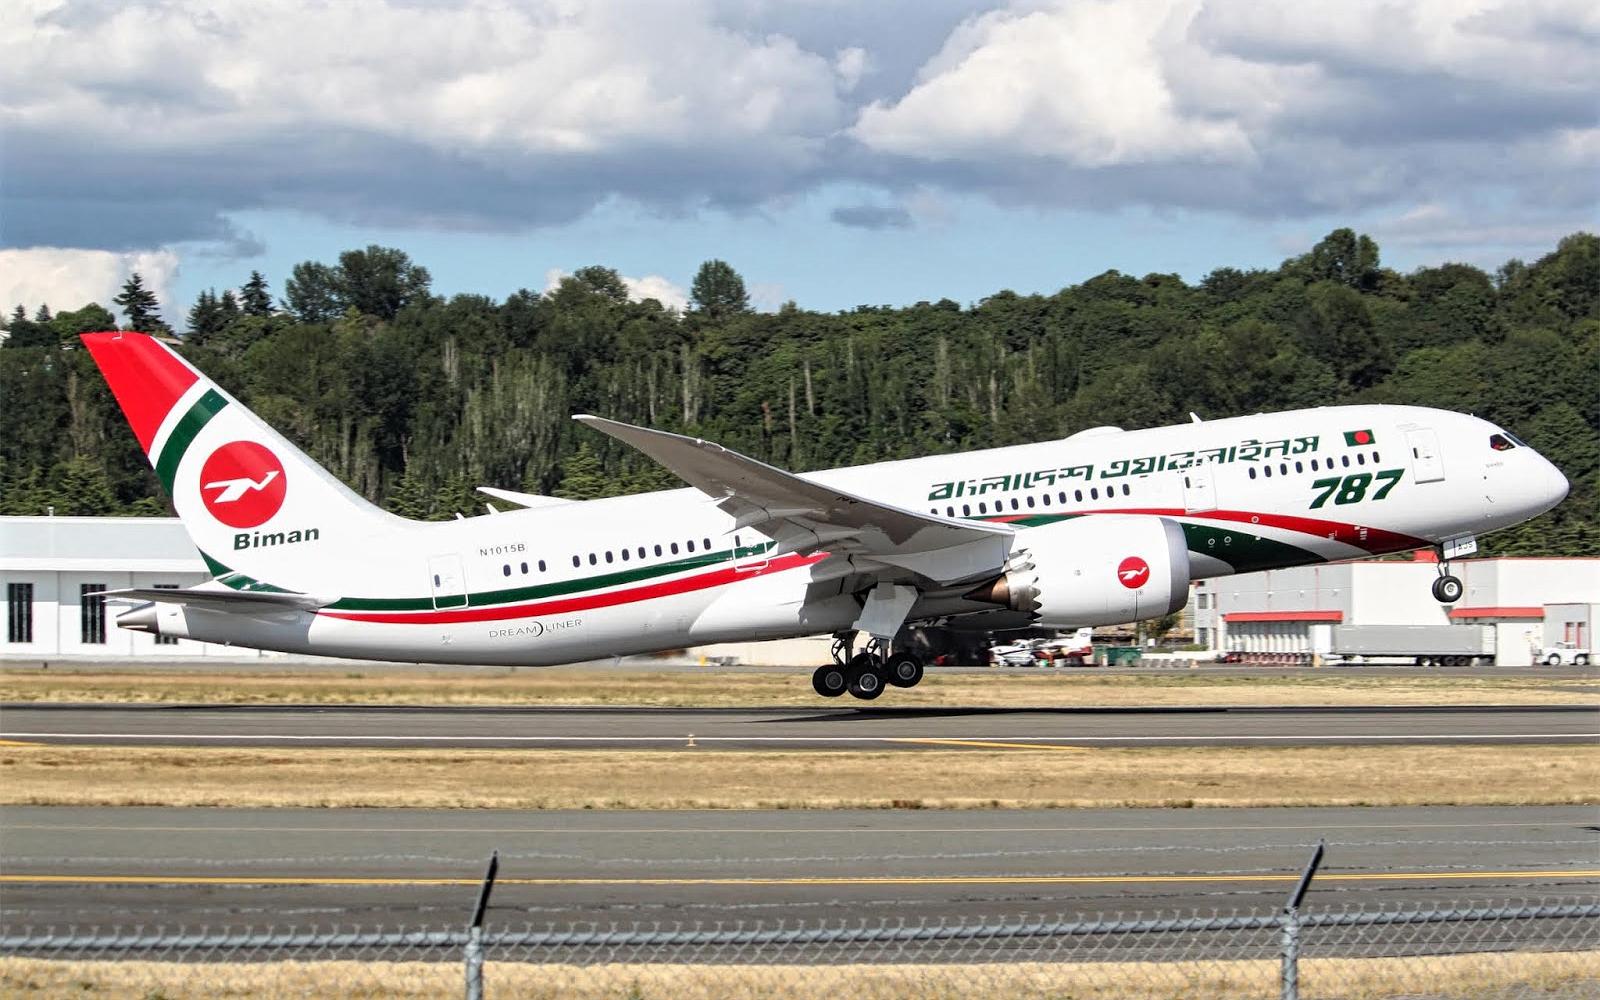 b787-8 biman bangladesh airlines takeoff